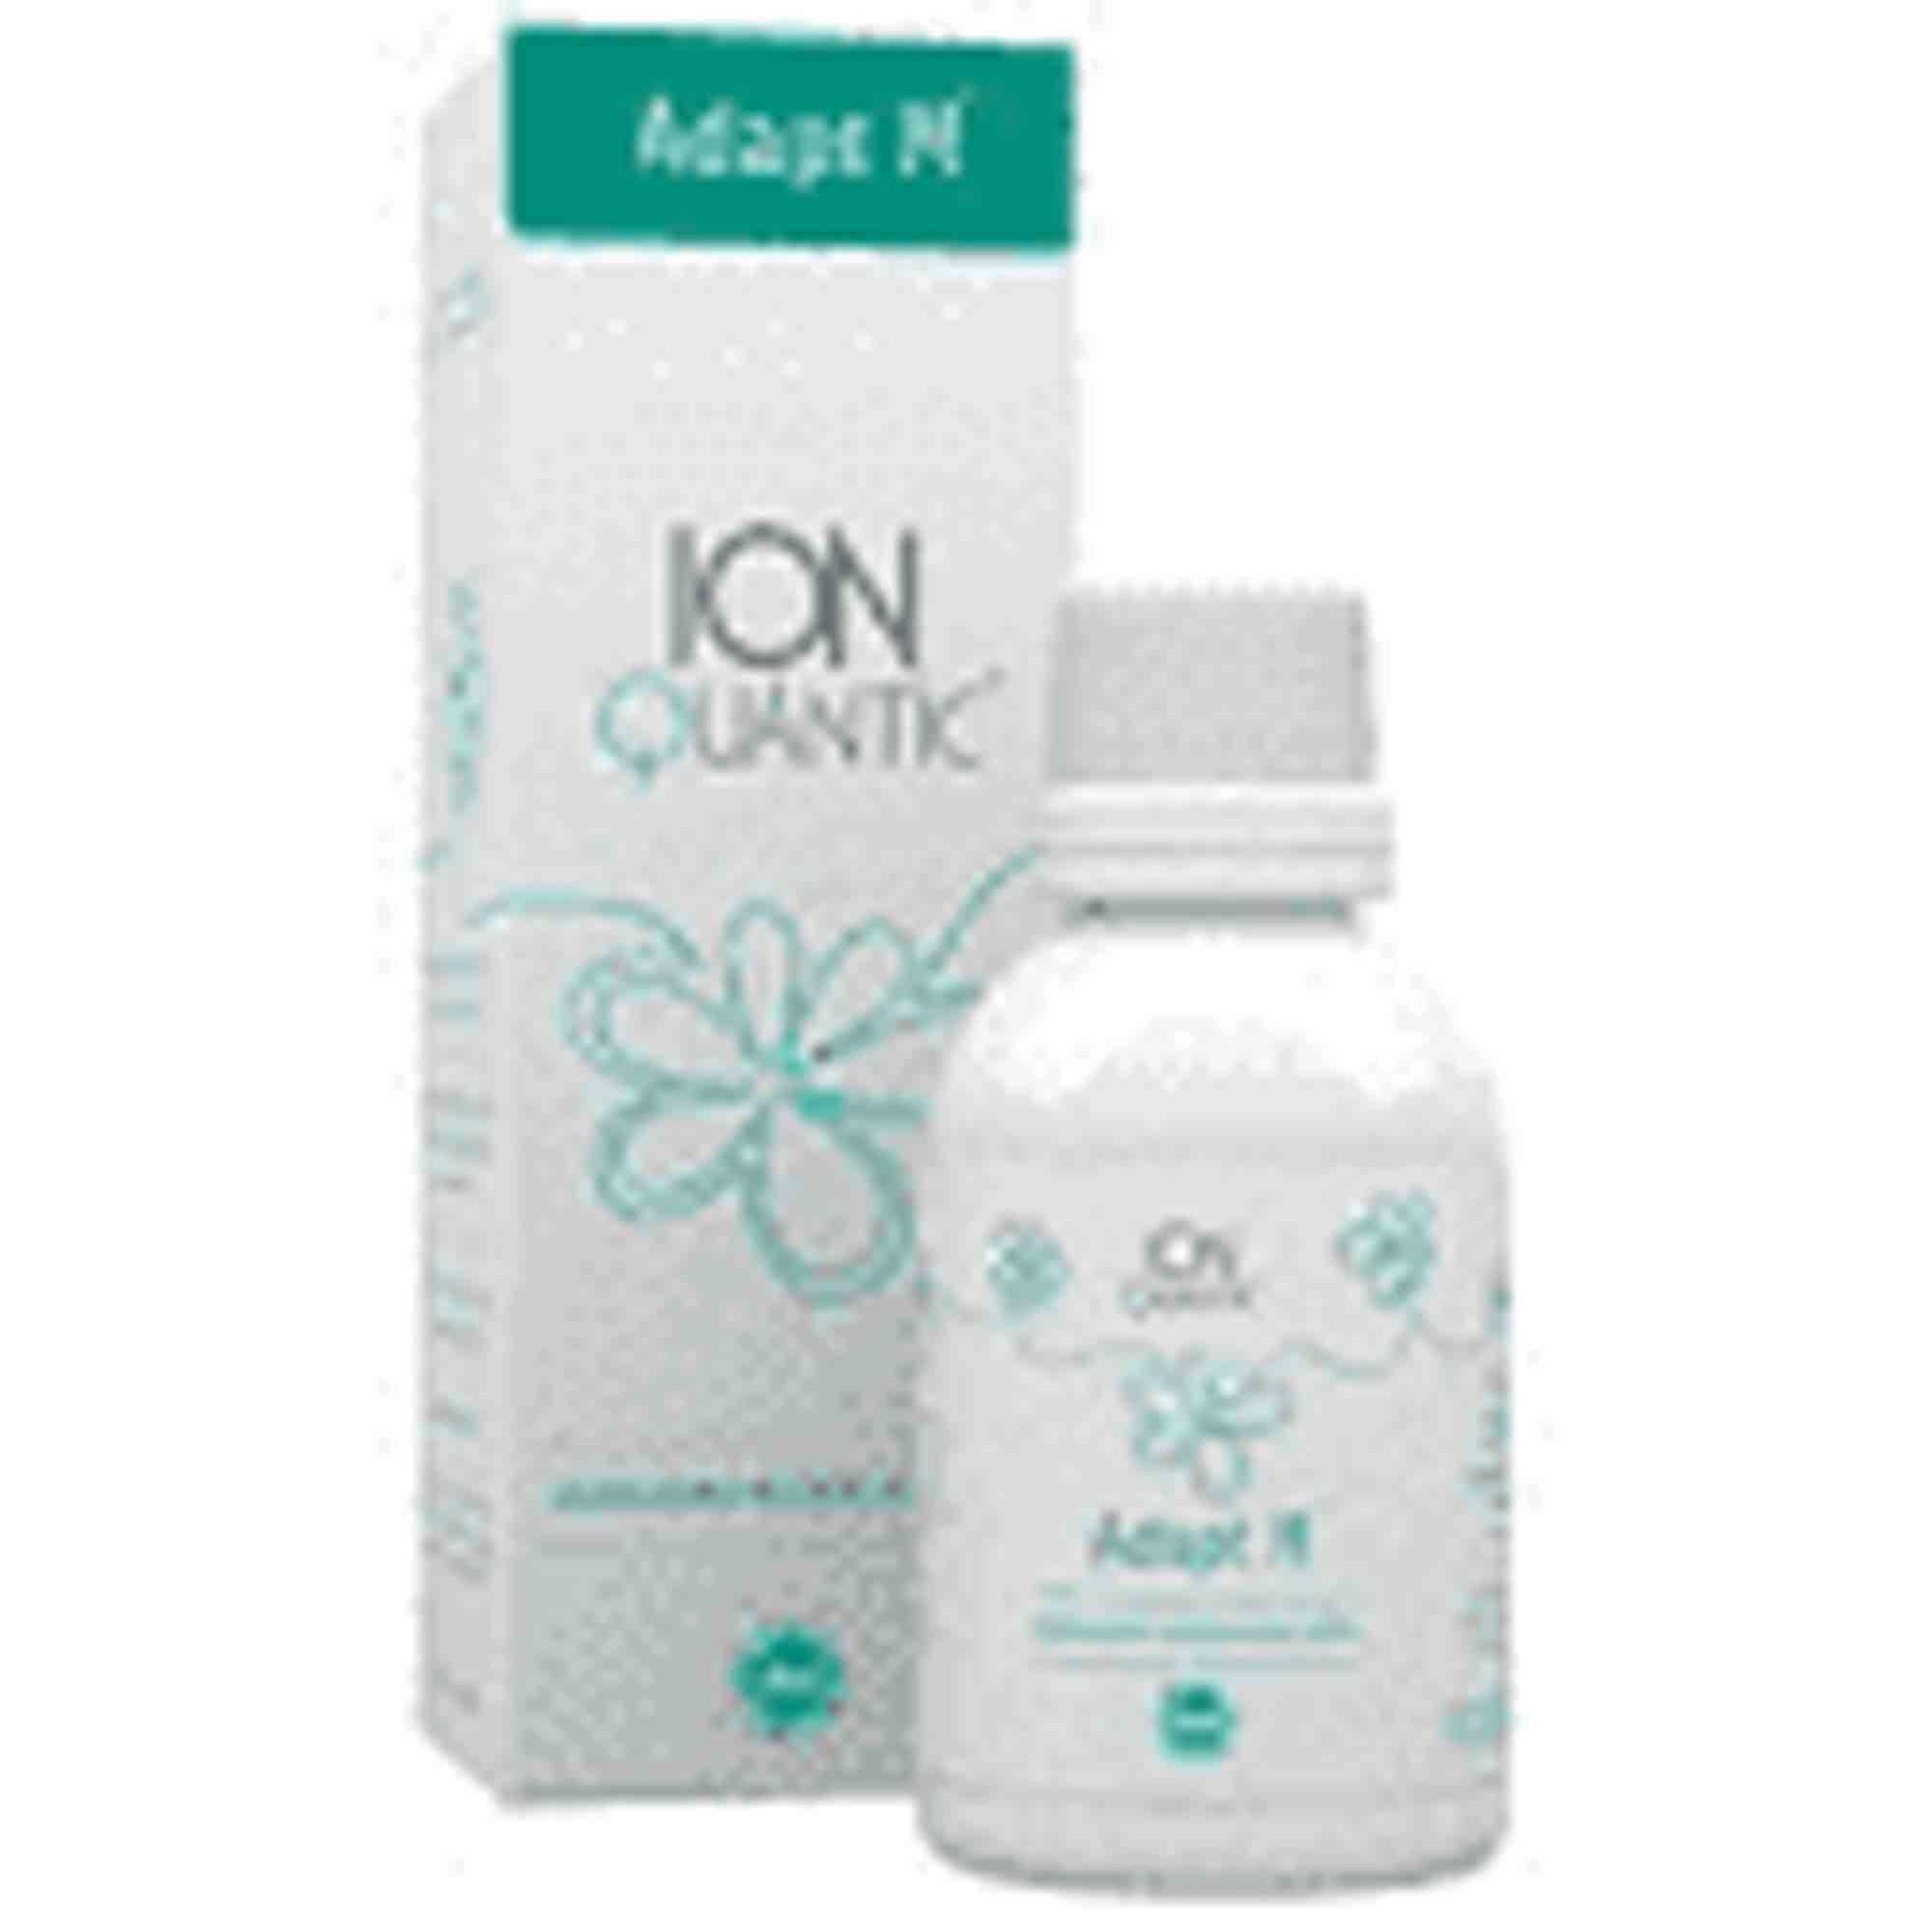 Ionquântic Adapt-M 50ml Fisioquantic